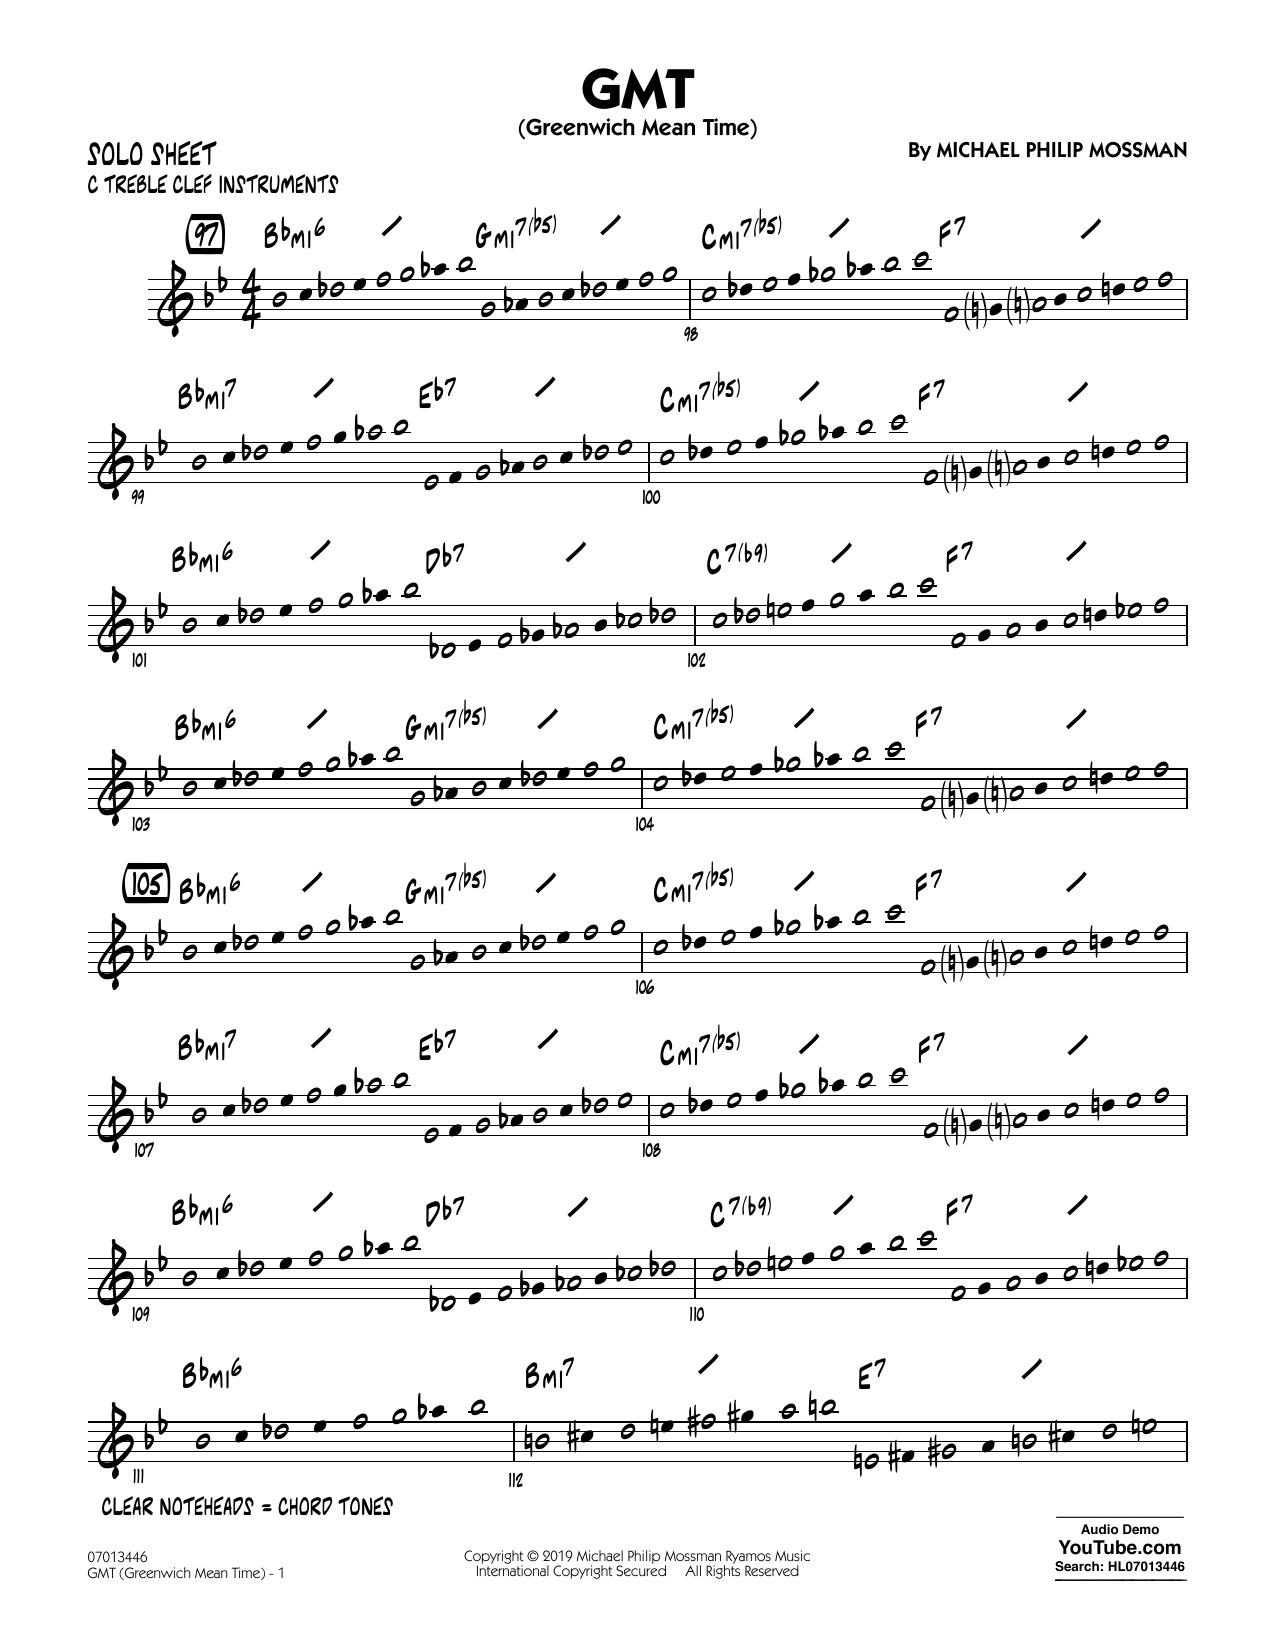 GMT (Greenwich Mean Time) - C Solo Sheet (Jazz Ensemble)